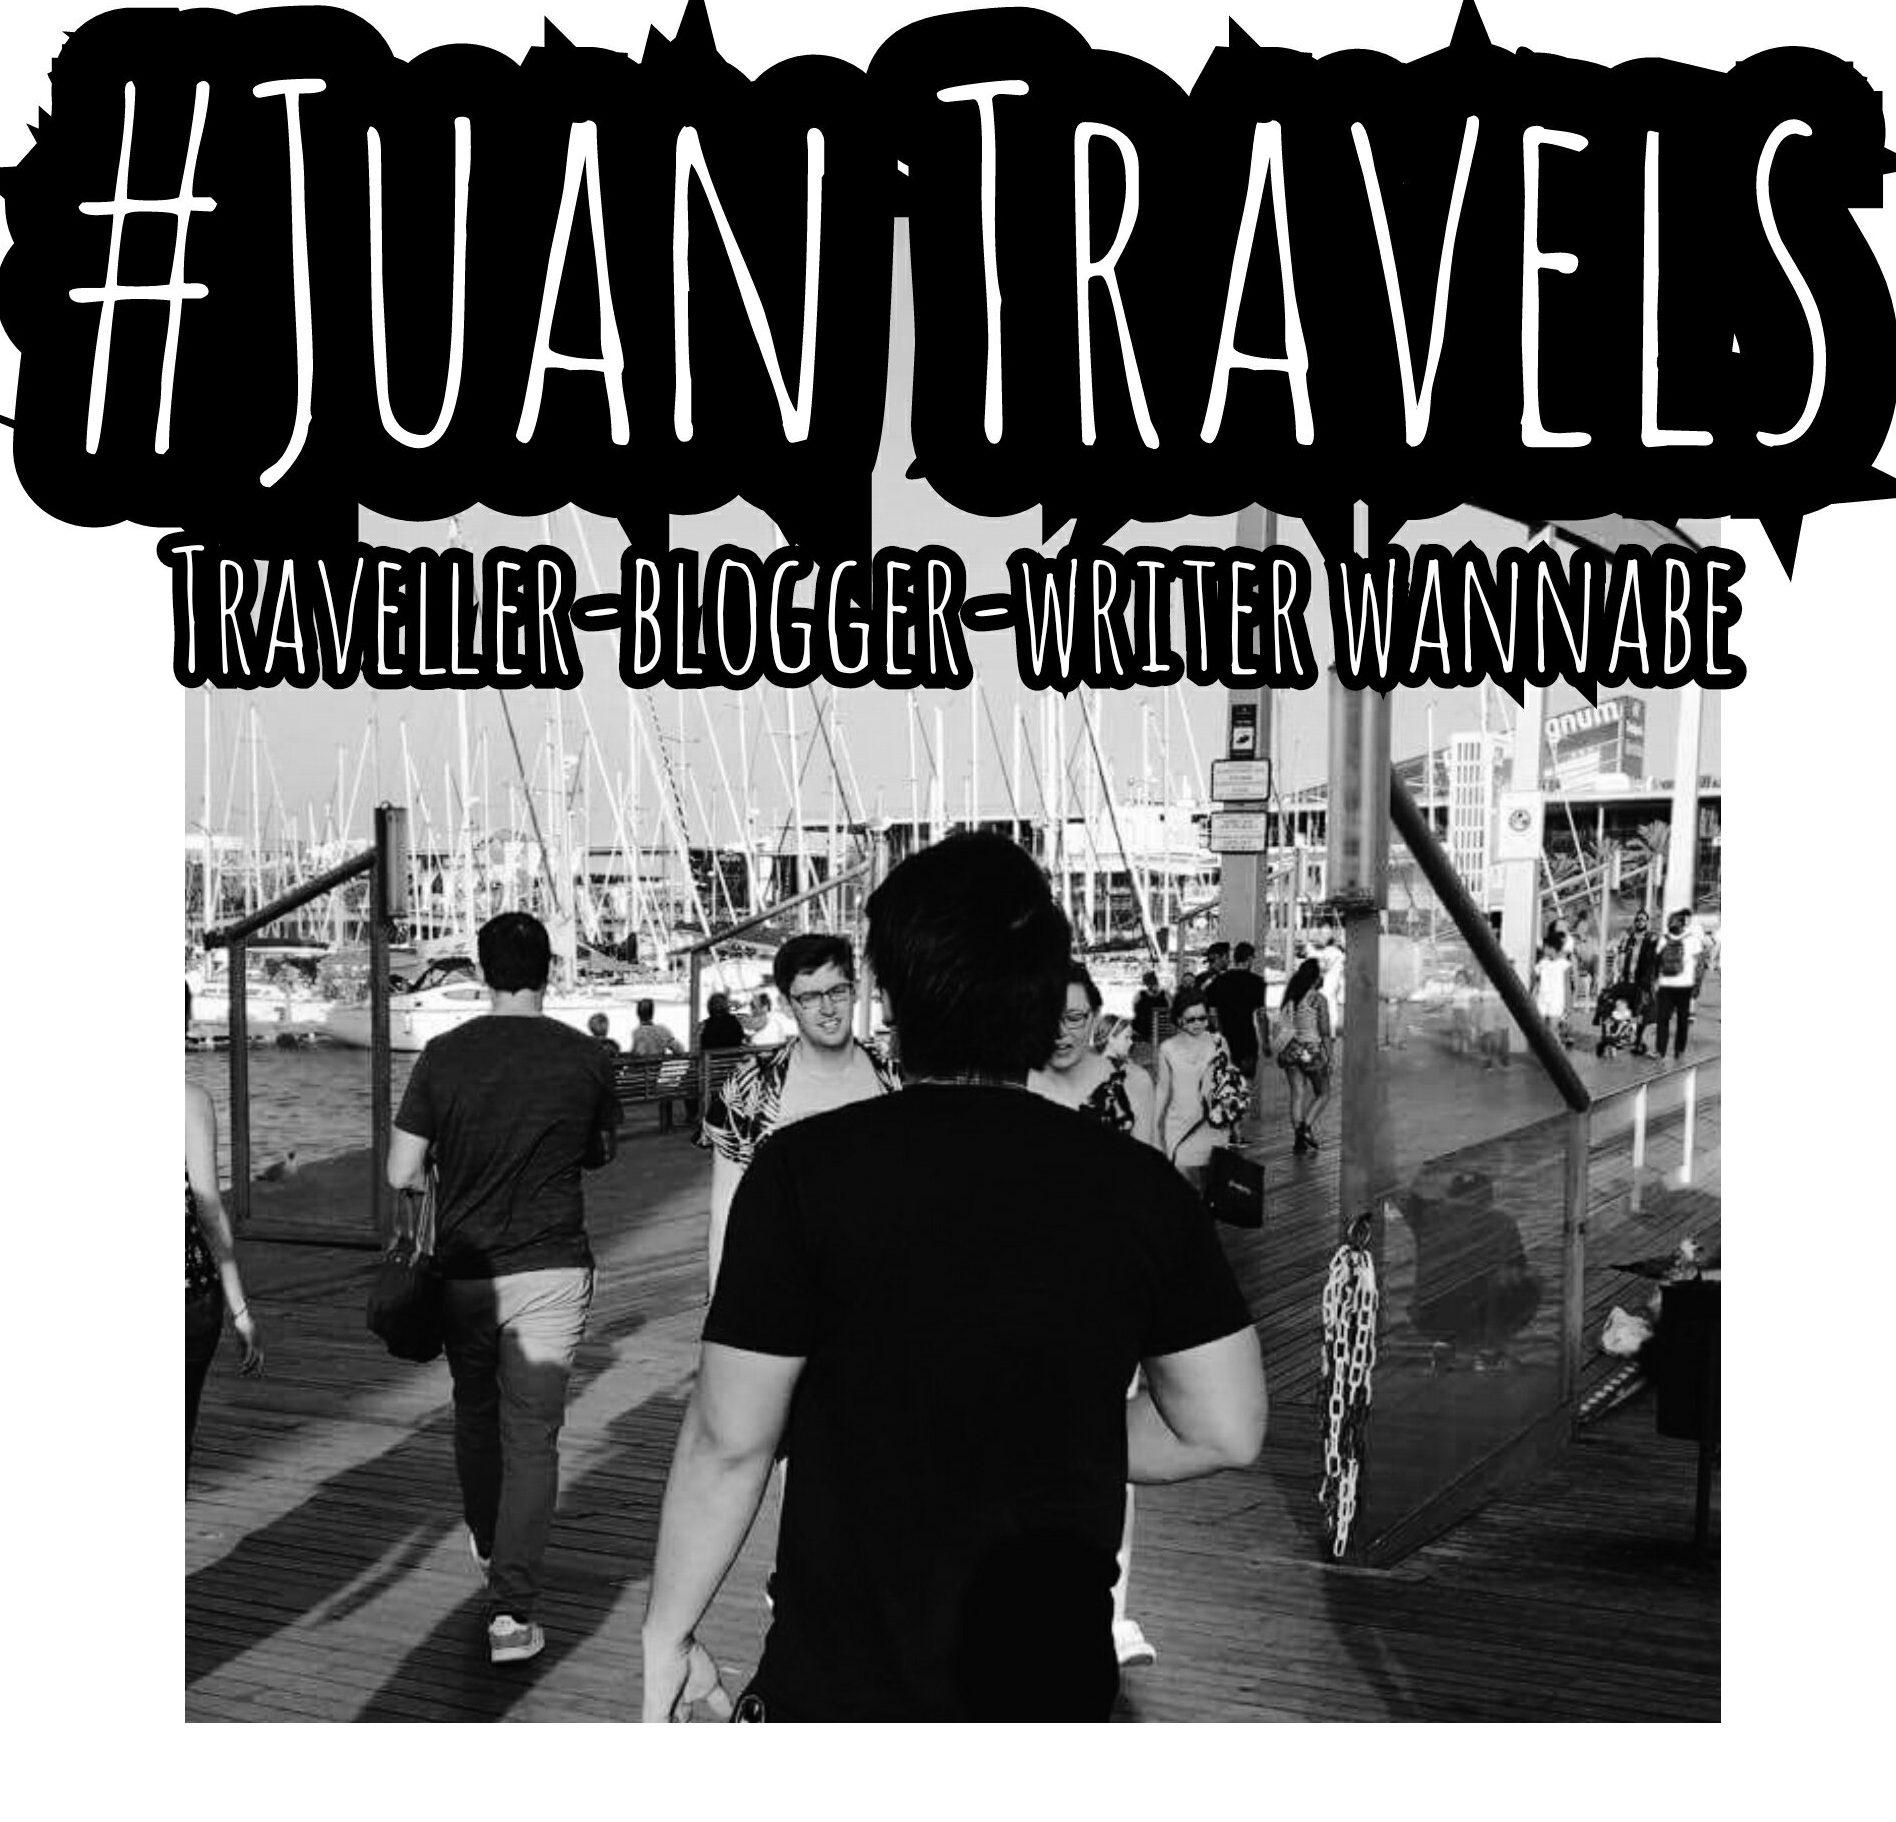 #JUAN TRAVELS